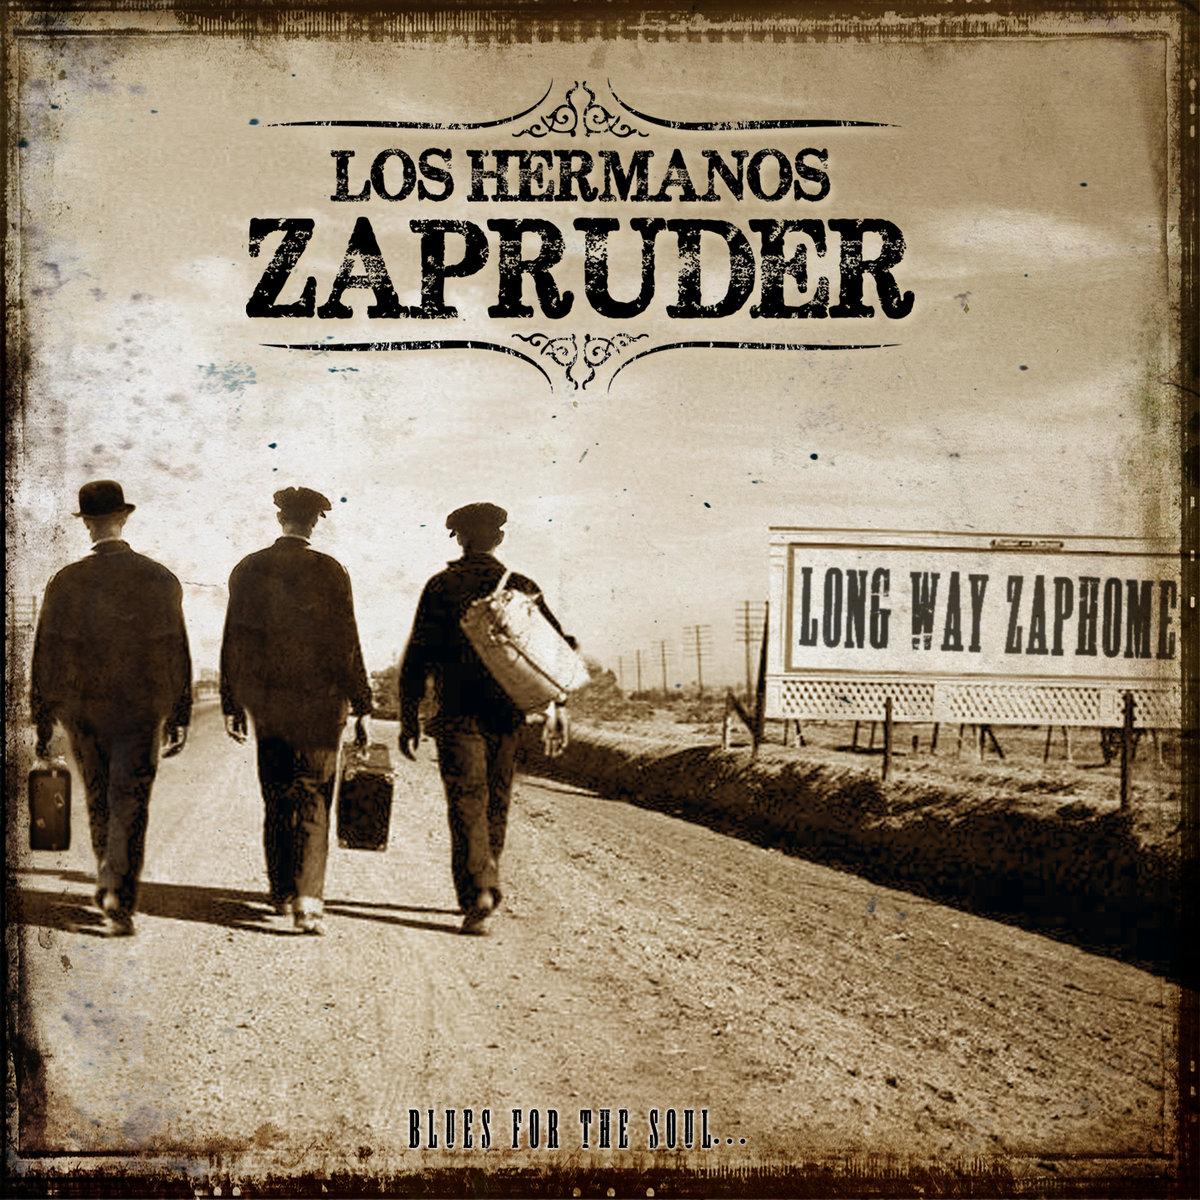 A banda achega dez novos temas en <i>Long Way Zaphome</i>